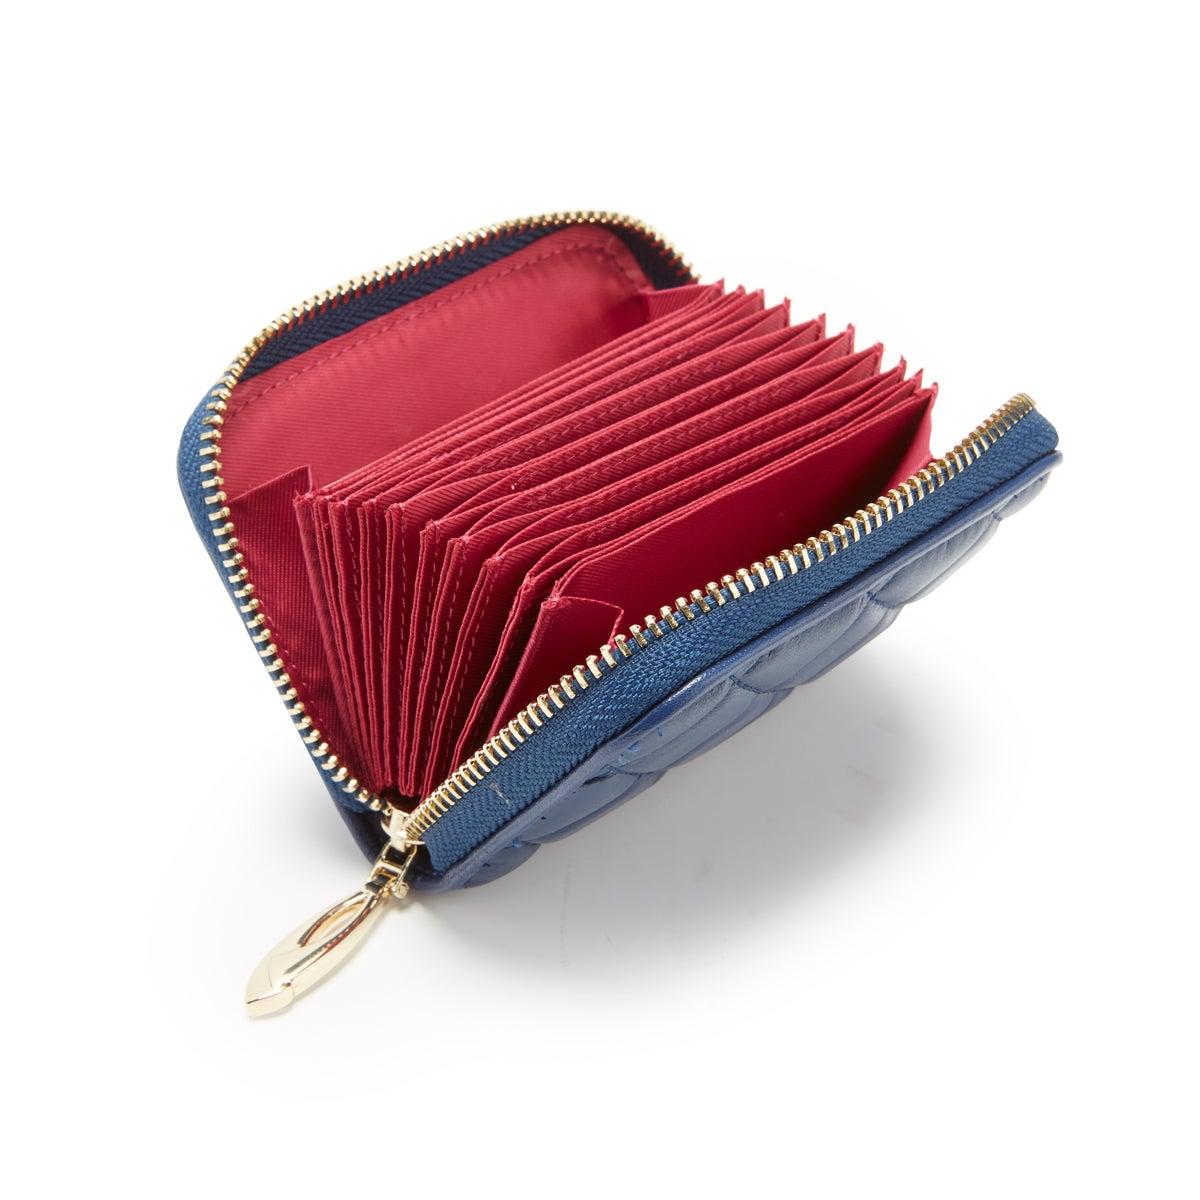 Lds navy zip around fanned card holder